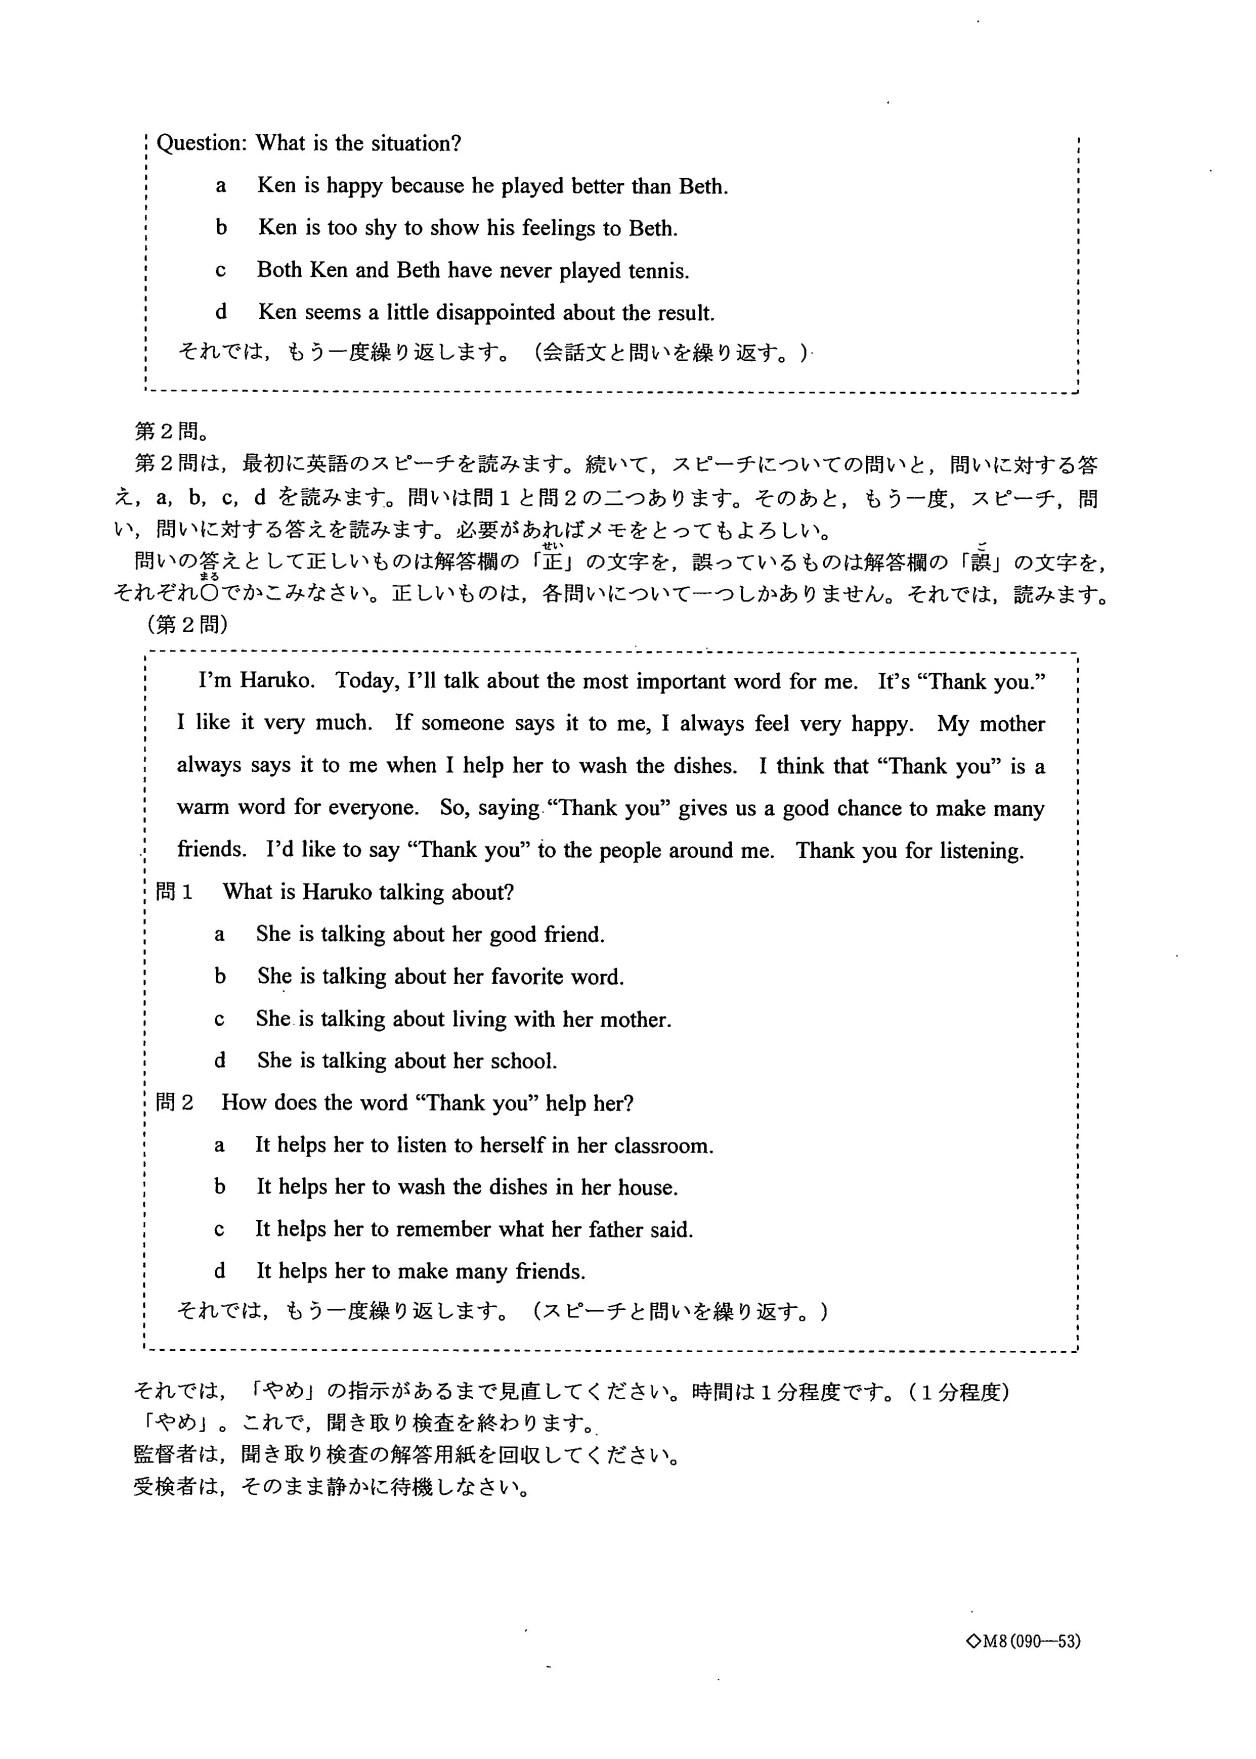 2019愛知県公立B英語リスニング台本2